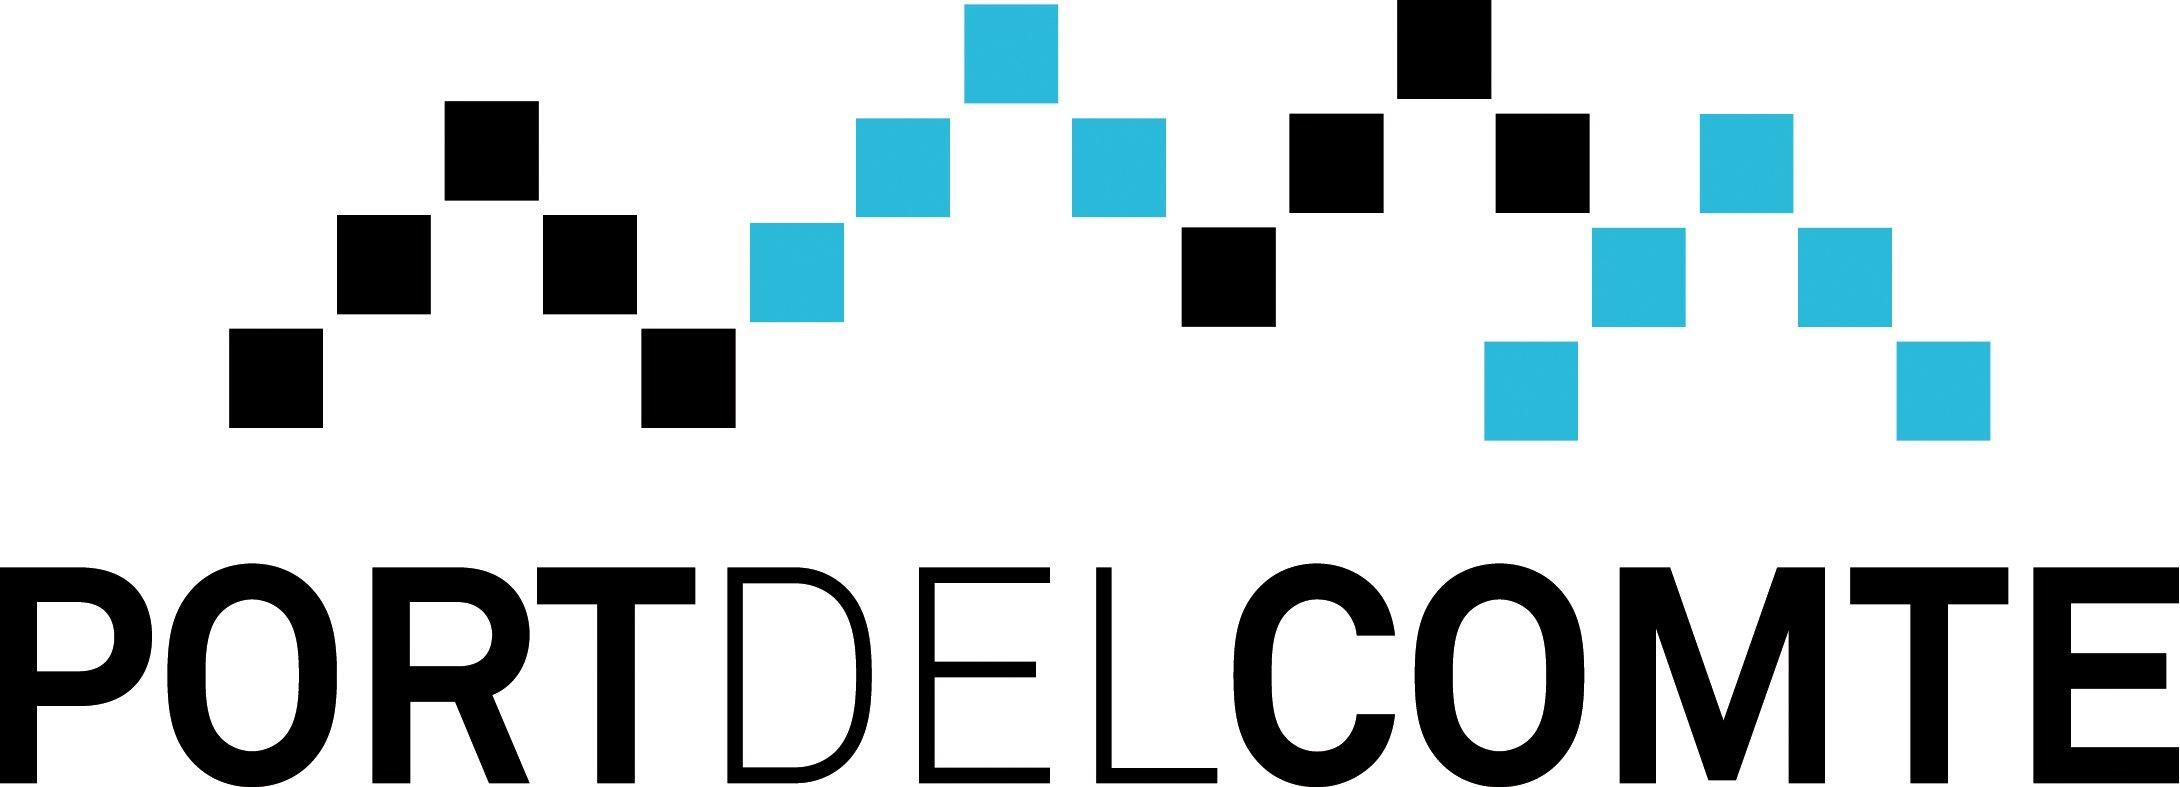 portdelcomte logo qualitat